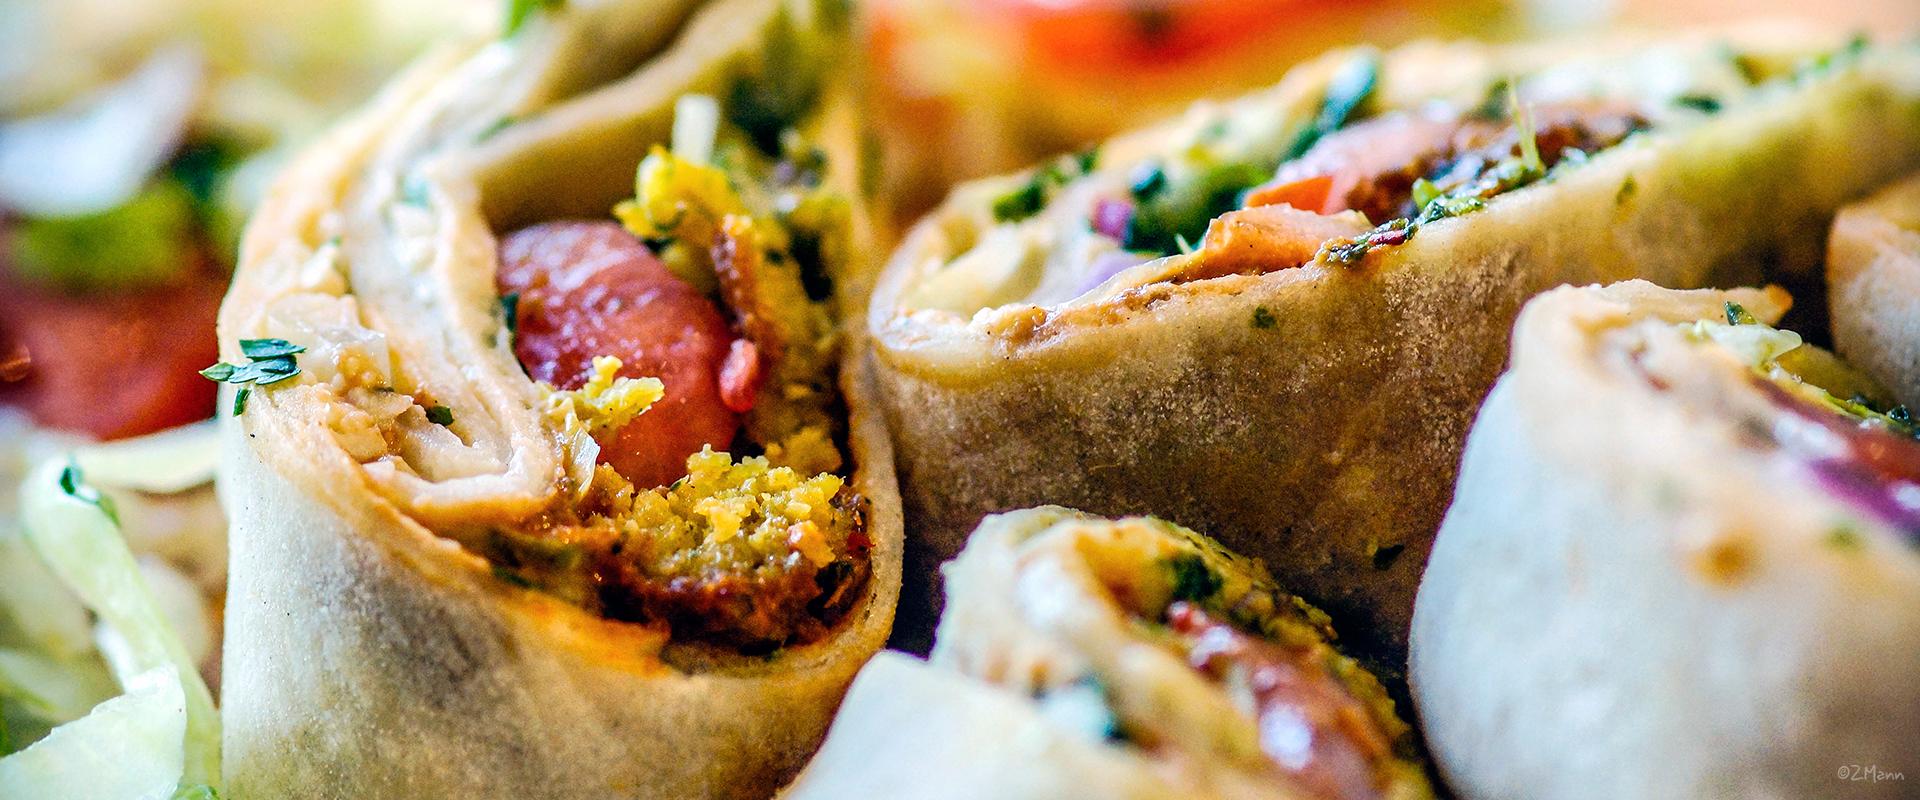 Z Widokiem Na Stół Kuchnia Bliskiego Wschodu Mezze Hummus